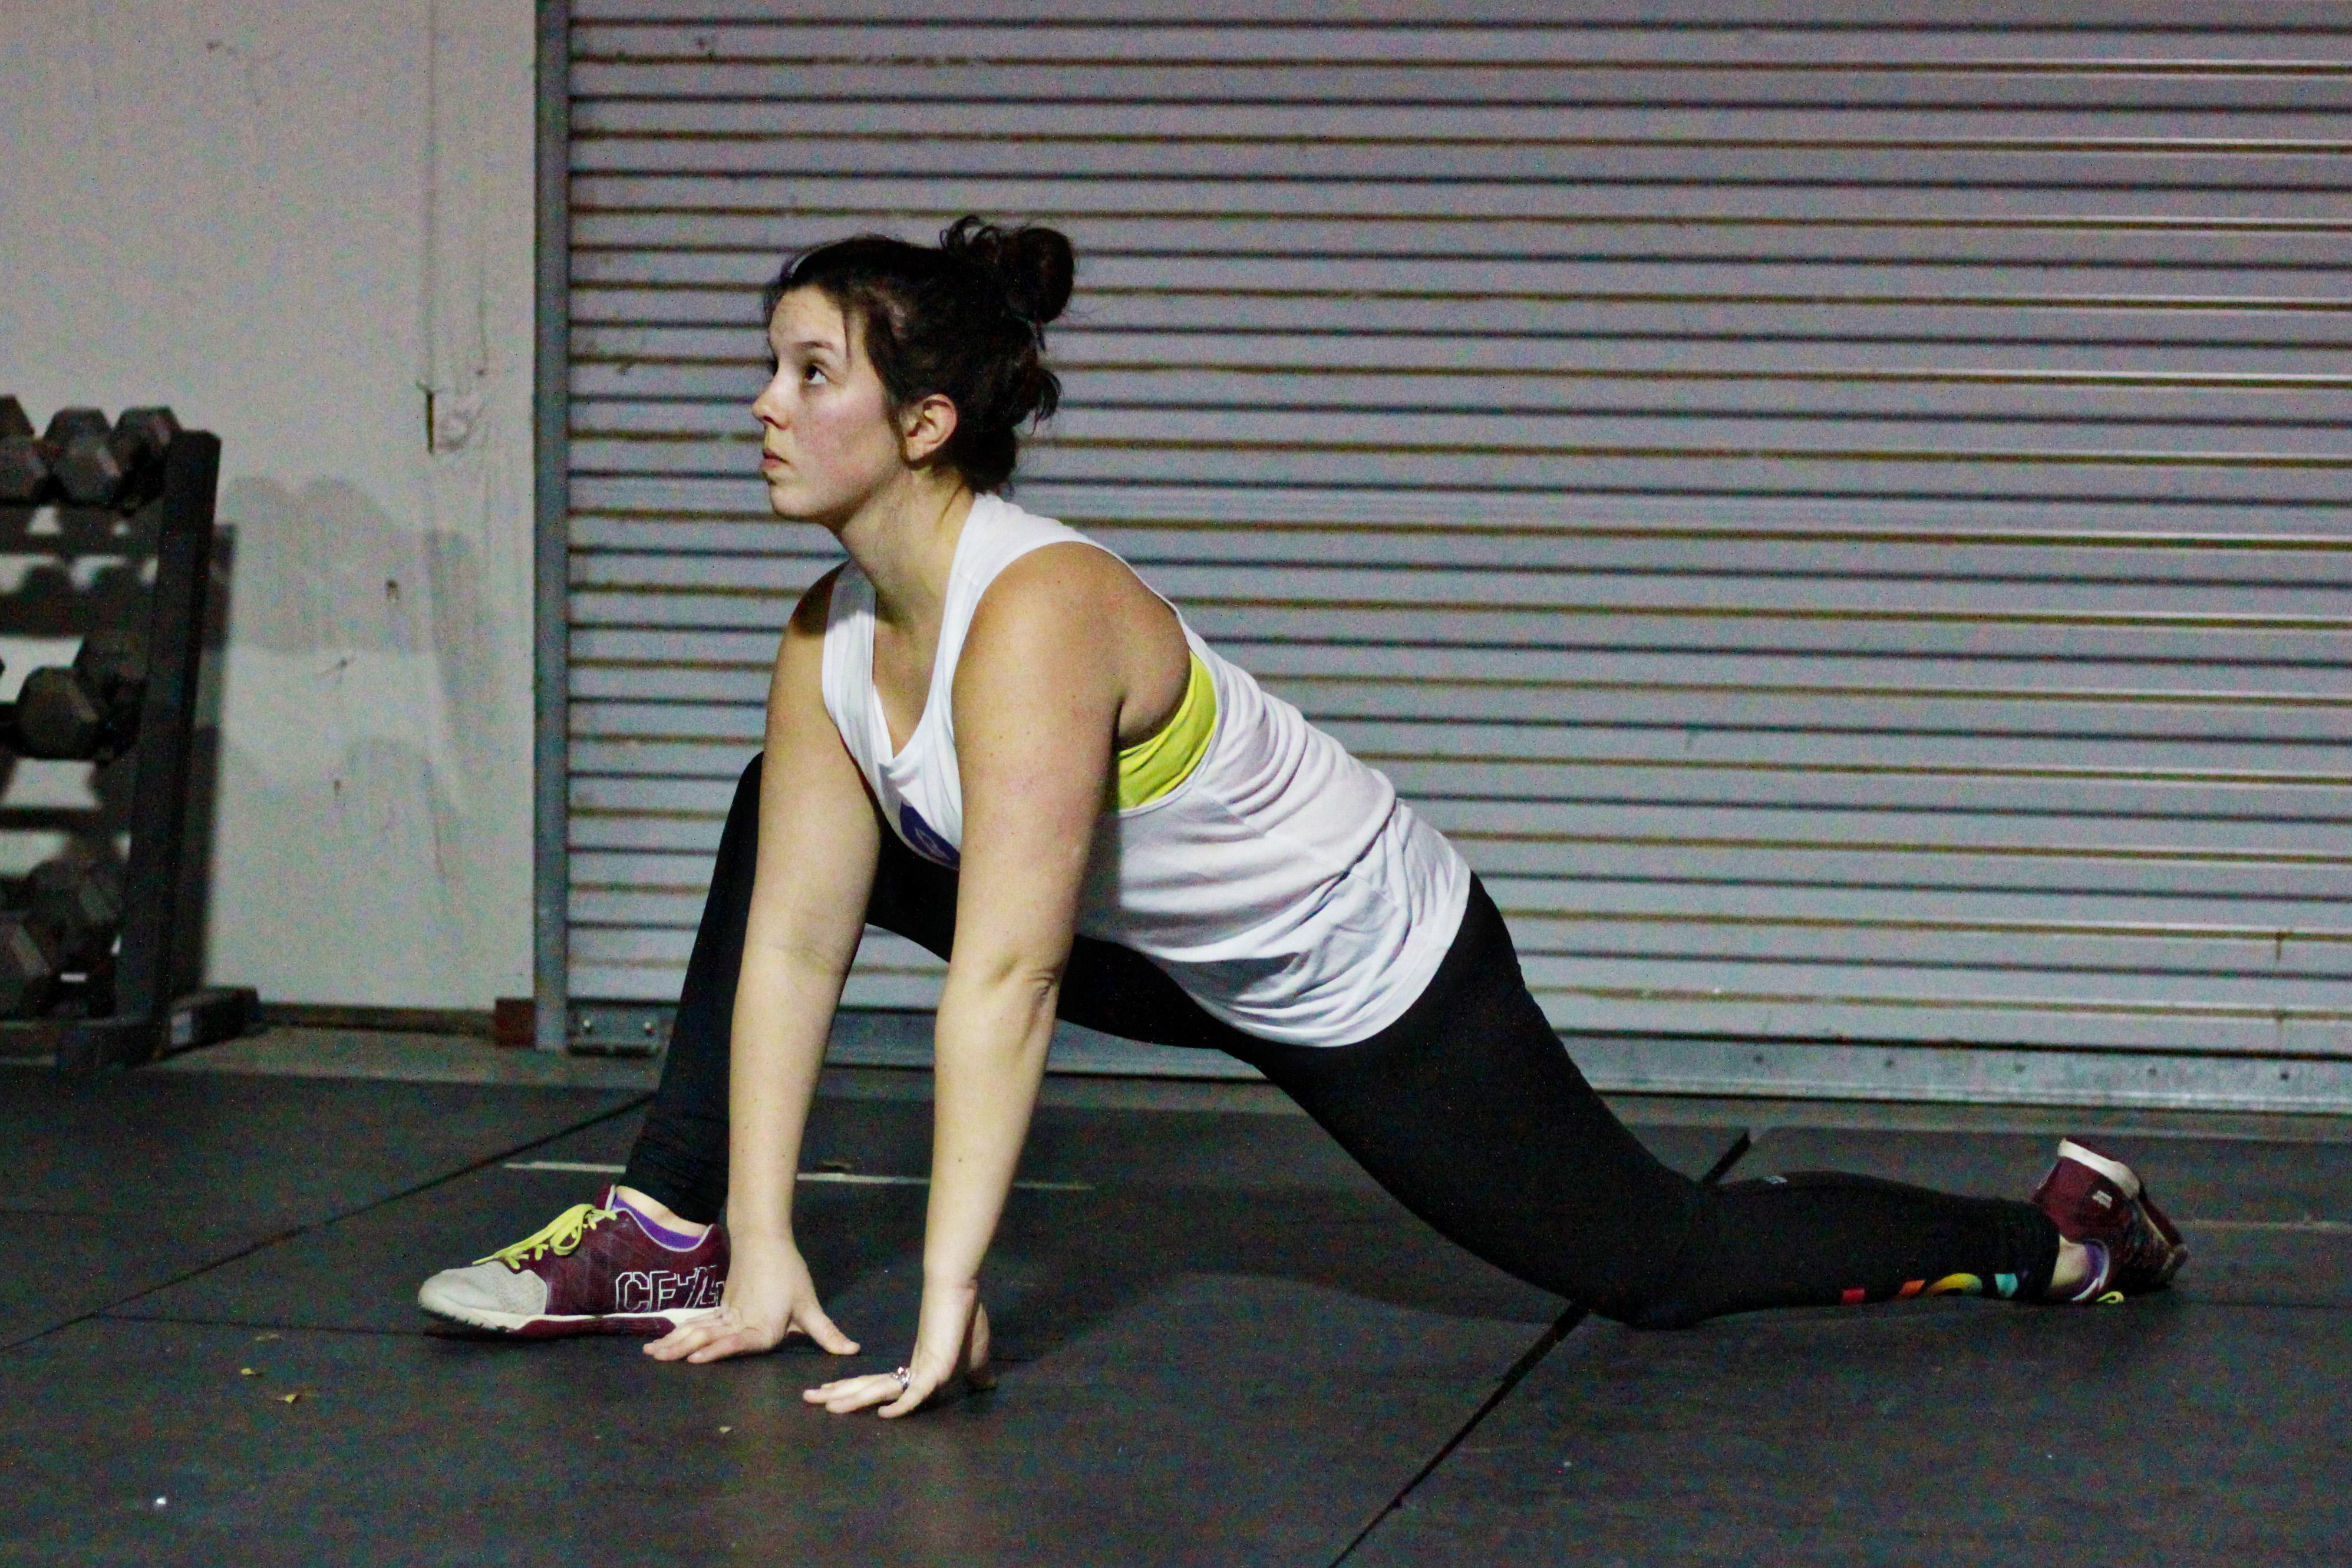 Comment s'échauffer correctement avant une séance de CrossFit®* : étirement statique ou dynamique?